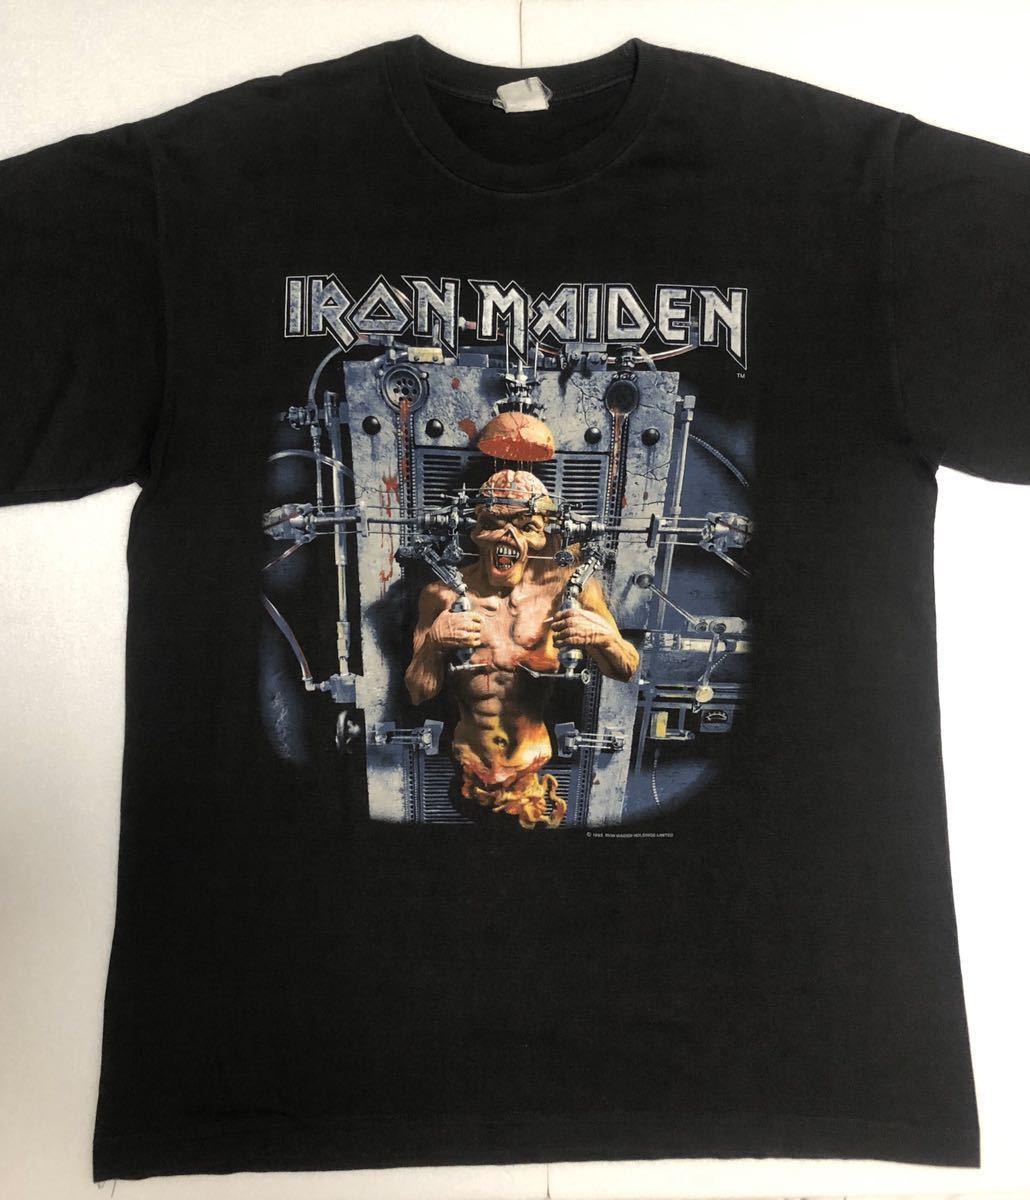 90s 95-96年 ツアー IRON MAIDEN アイアンメイデン ビンテージ Tシャツ 黒 オリジナル メタル ロック バンド tシャツ レア コピーライト_画像1